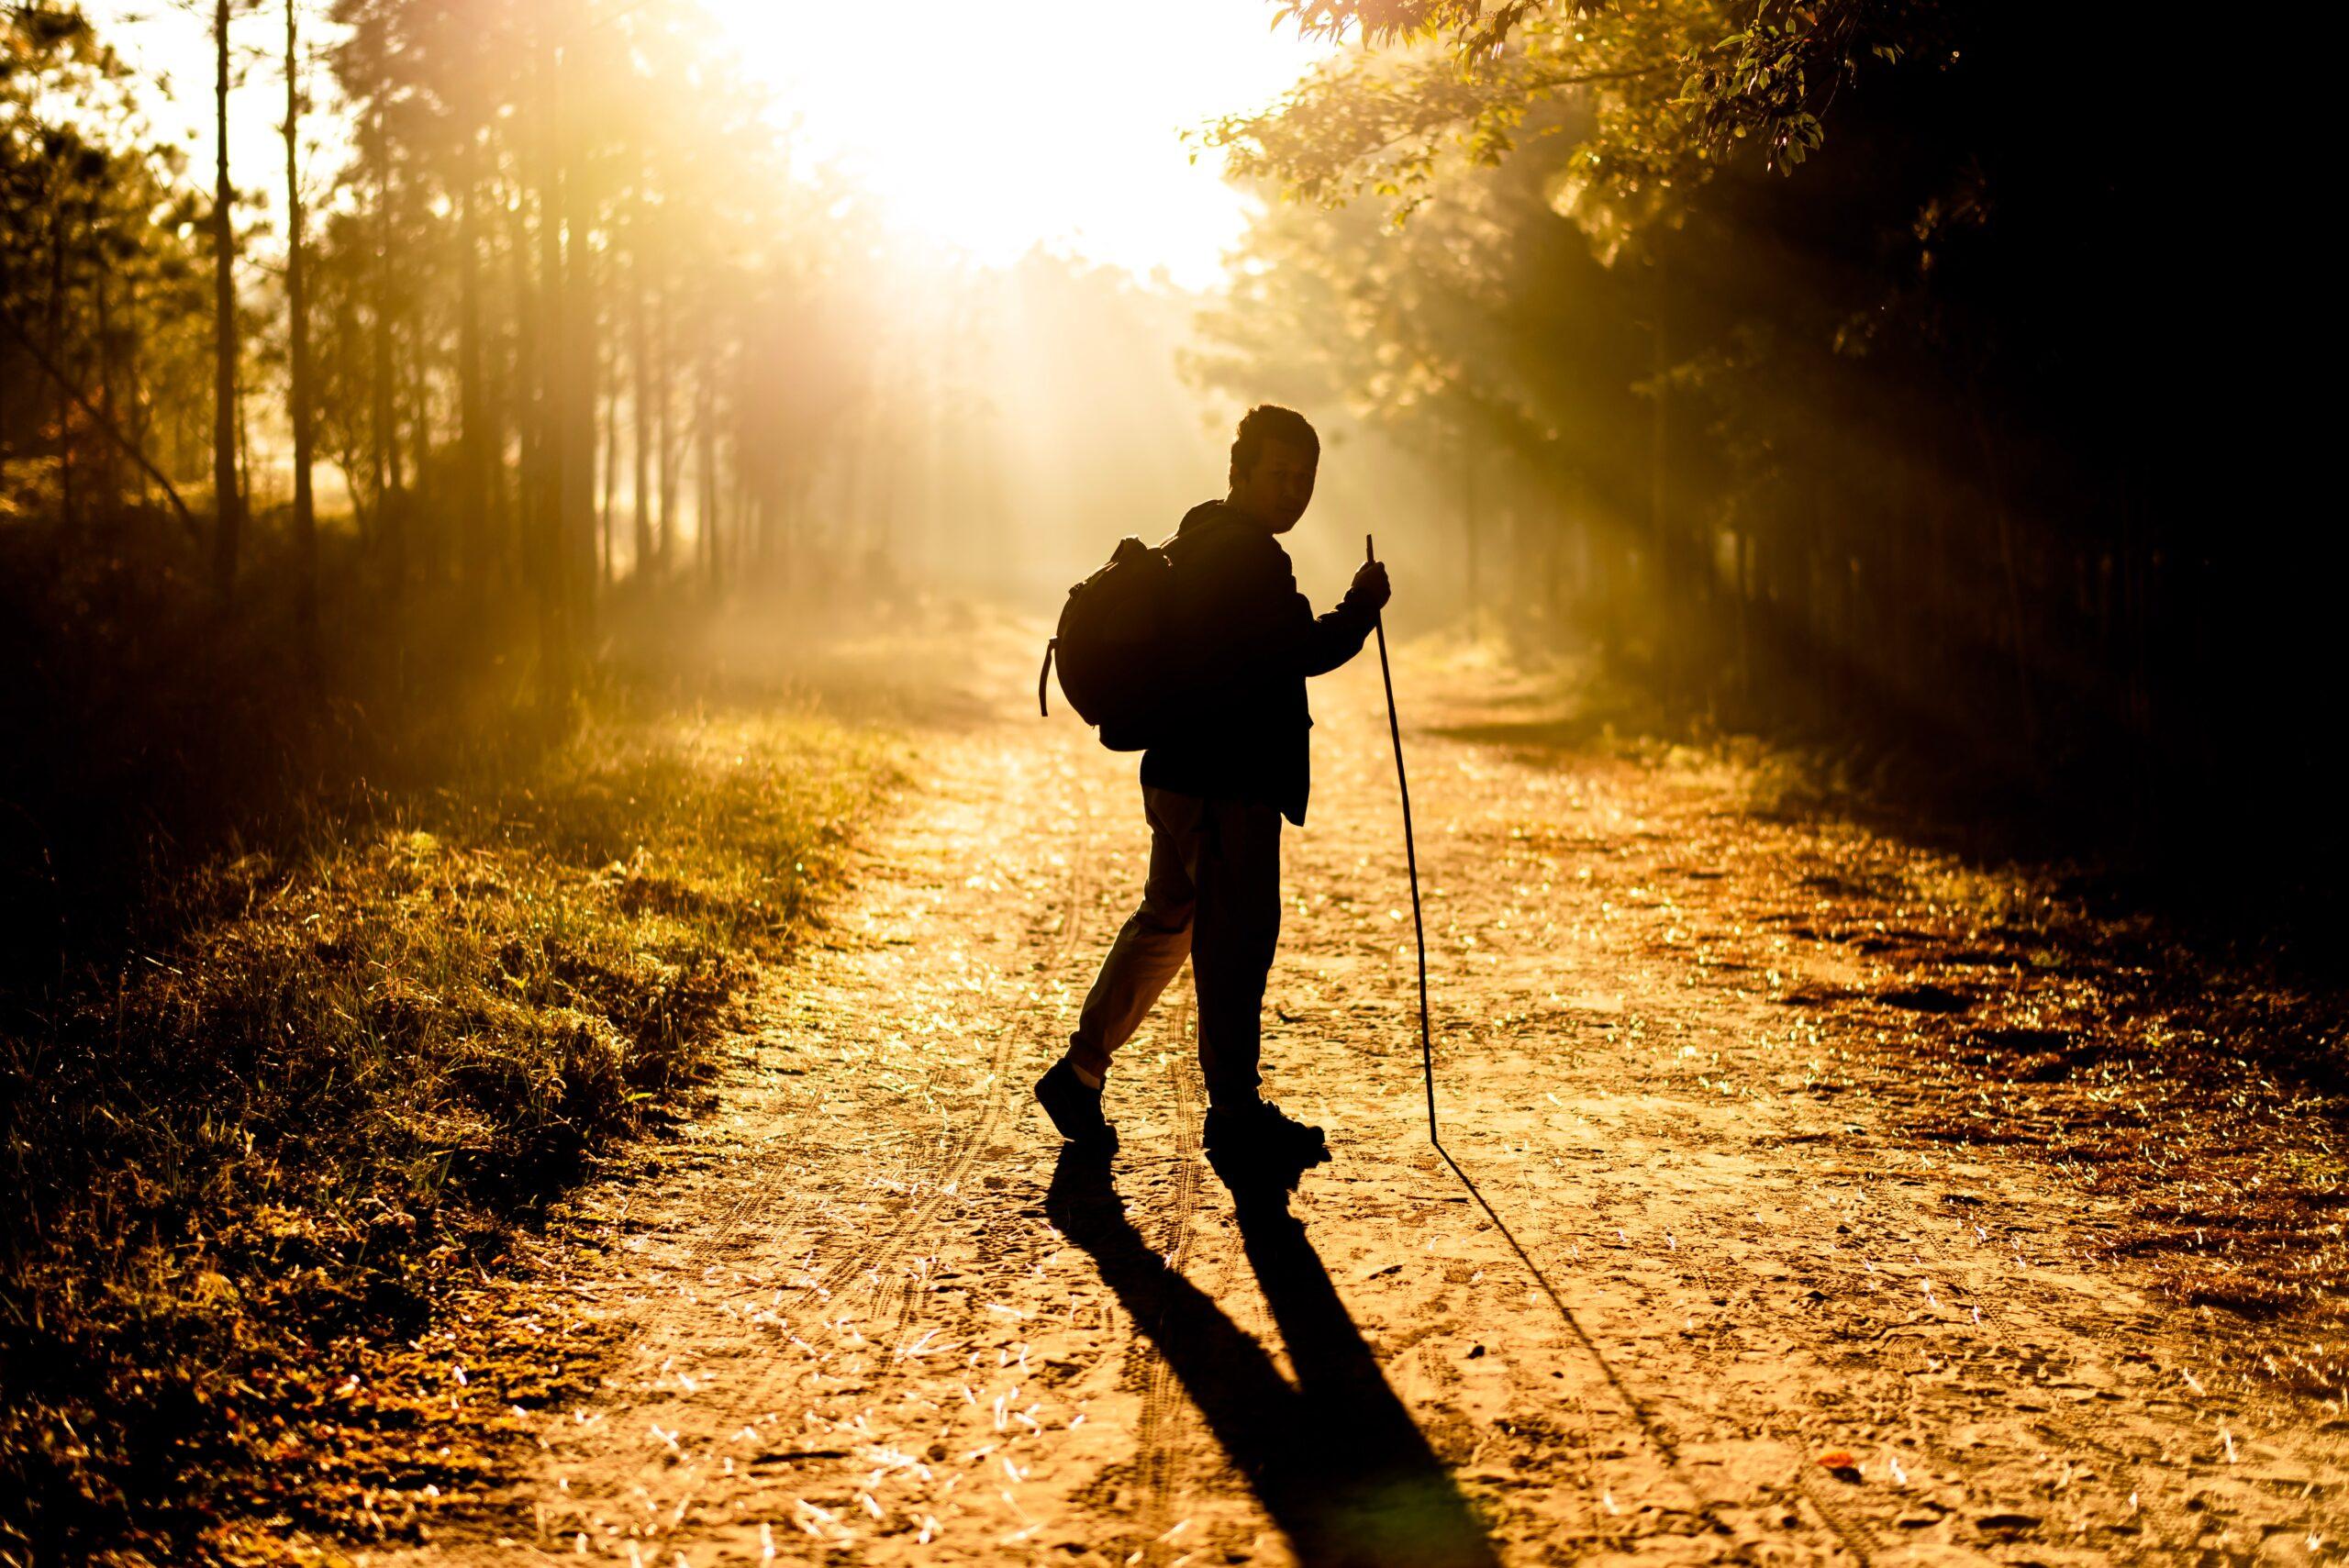 Πεζοπορία, 4 παράγοντες που την καθιστούν την πιο εύκολη και ιδανική μορφή άσκησης!